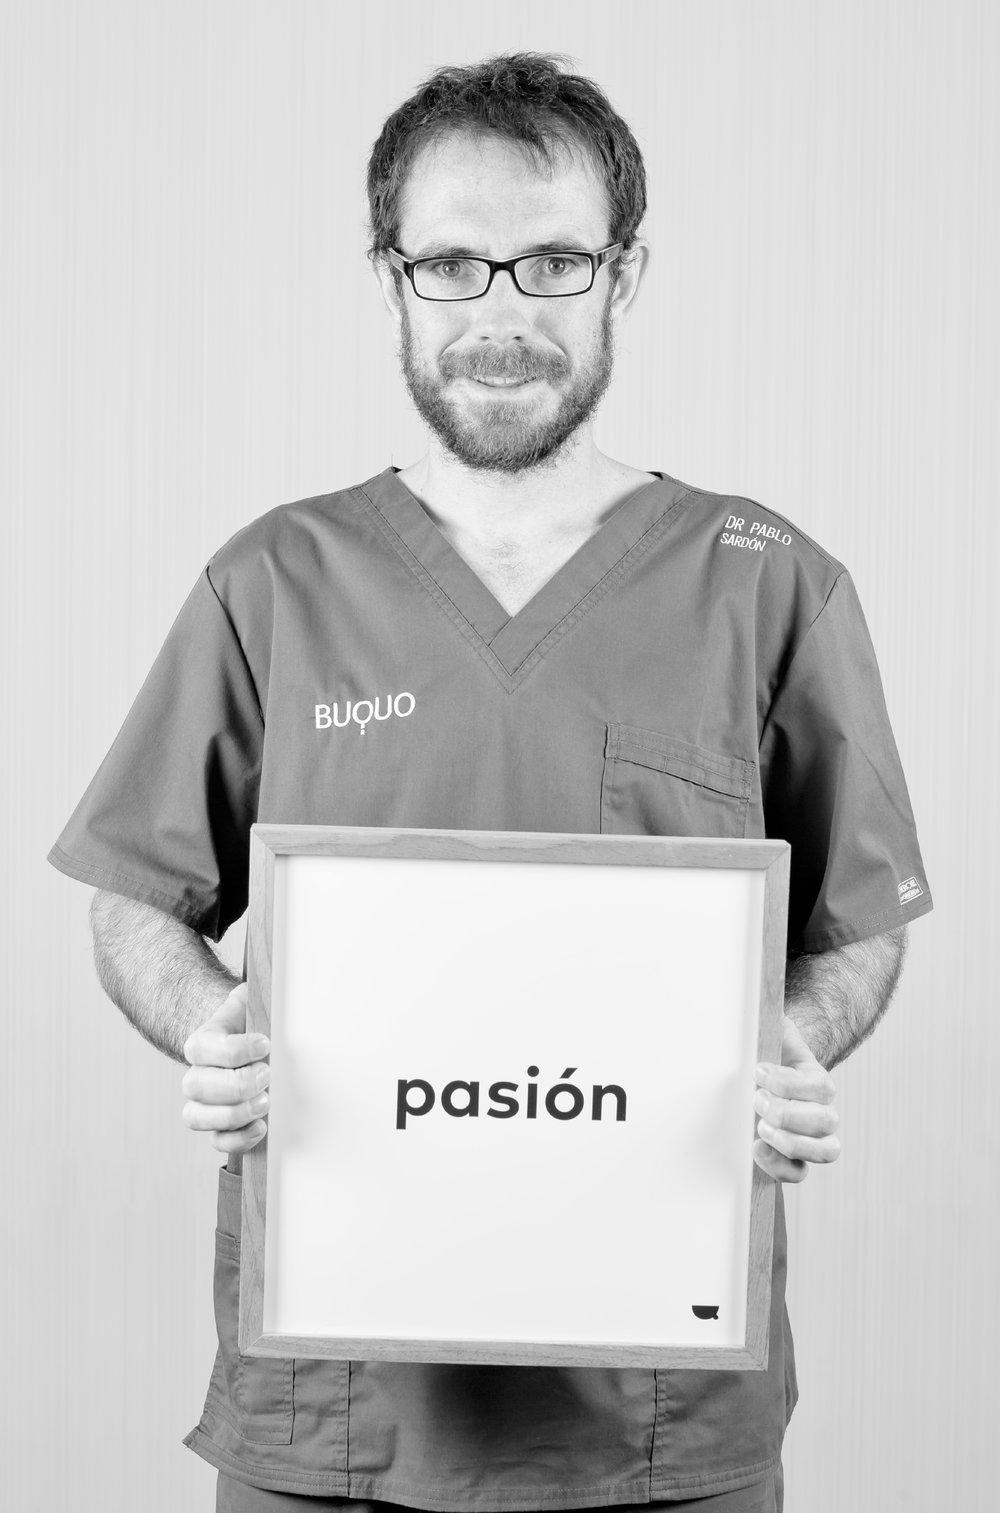 Dr. Pablo Sardón - Es licenciado en Odontología por la Universidad del País Vasco y cuenta con un Máster en Cirugía Bucal, Implantología y Periodoncia por la Universidad de León. Su campo de especialidad se desarrolla en cirugía y periodoncia para mejorar la calidad de vida de sus pacientes y devolverles su mejor sonrisa.